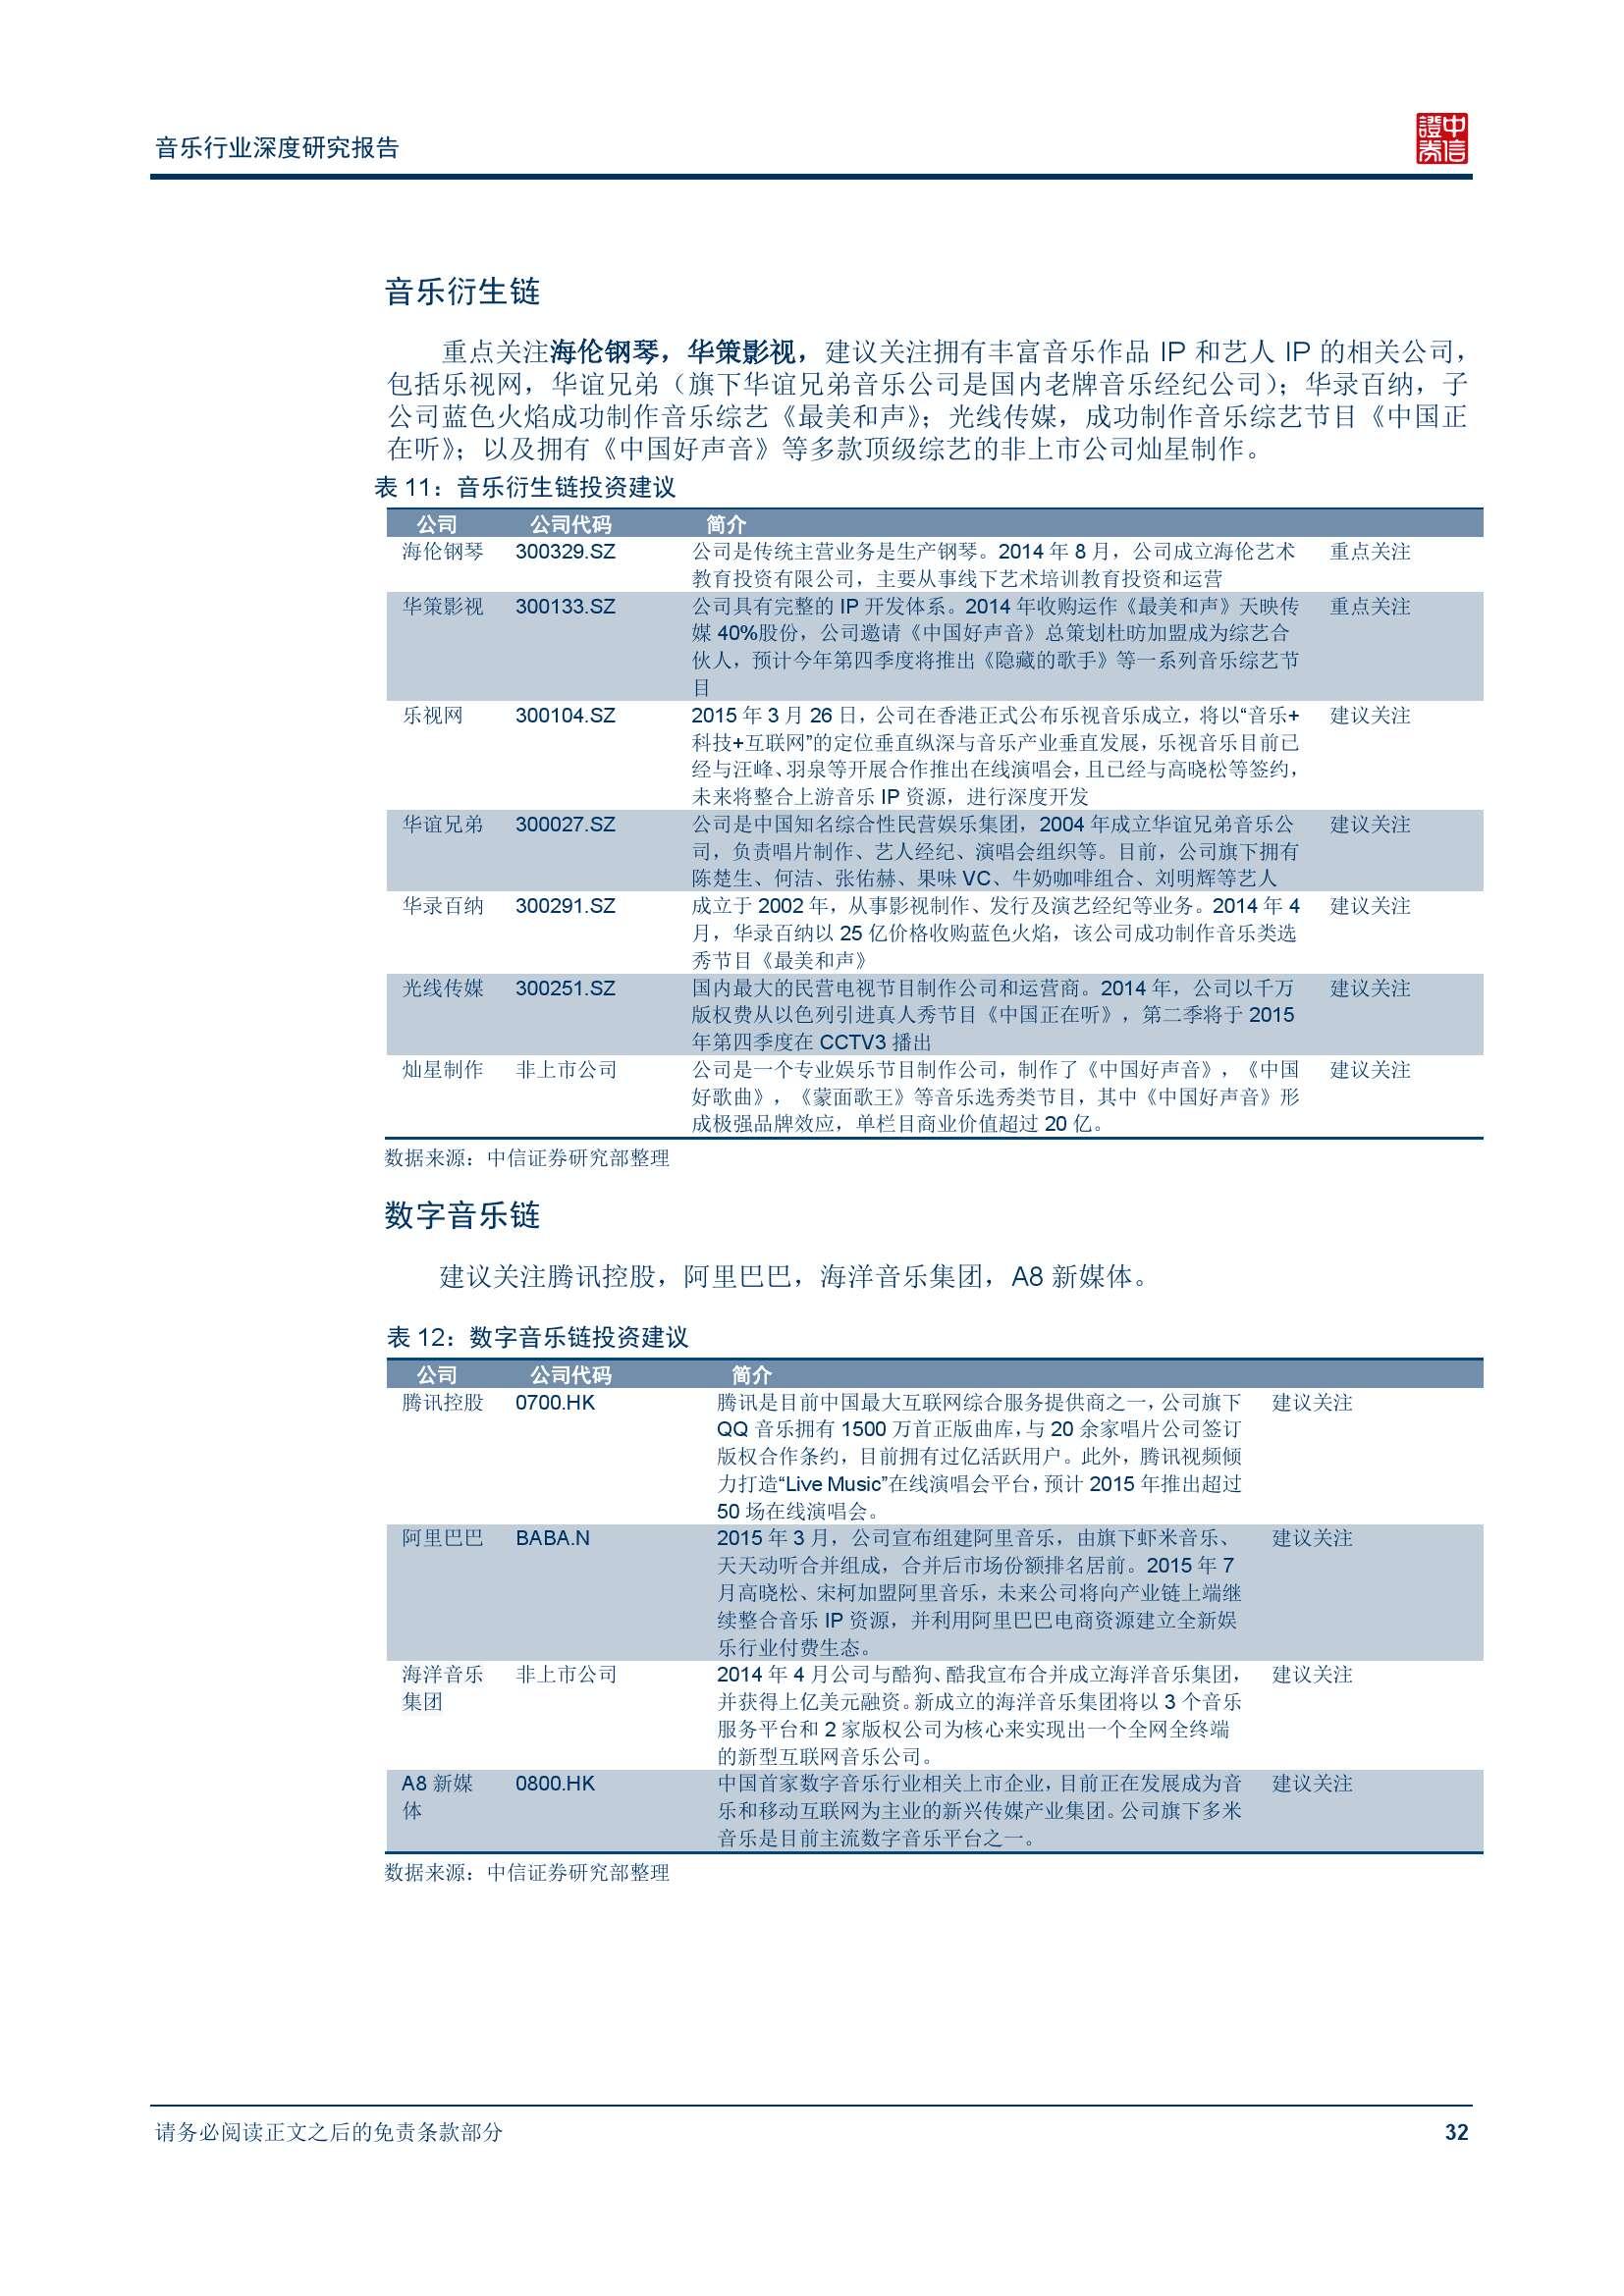 中信证券音乐行业深度研究报告_000037